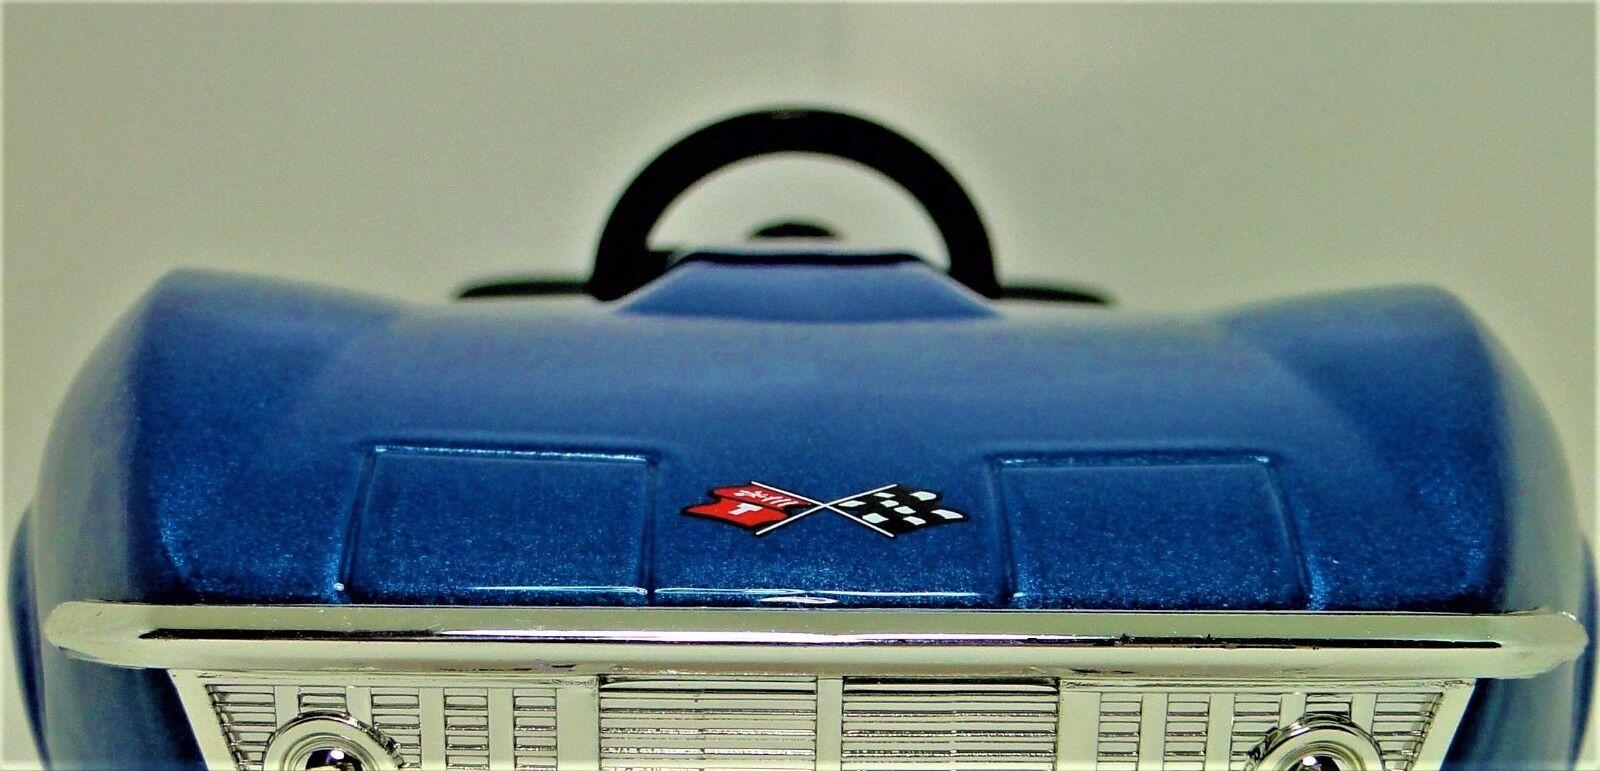 Auto A Pedal 1969 Corvette Corvette Chevy Vintage Deporte Metal     leer la descripción completa